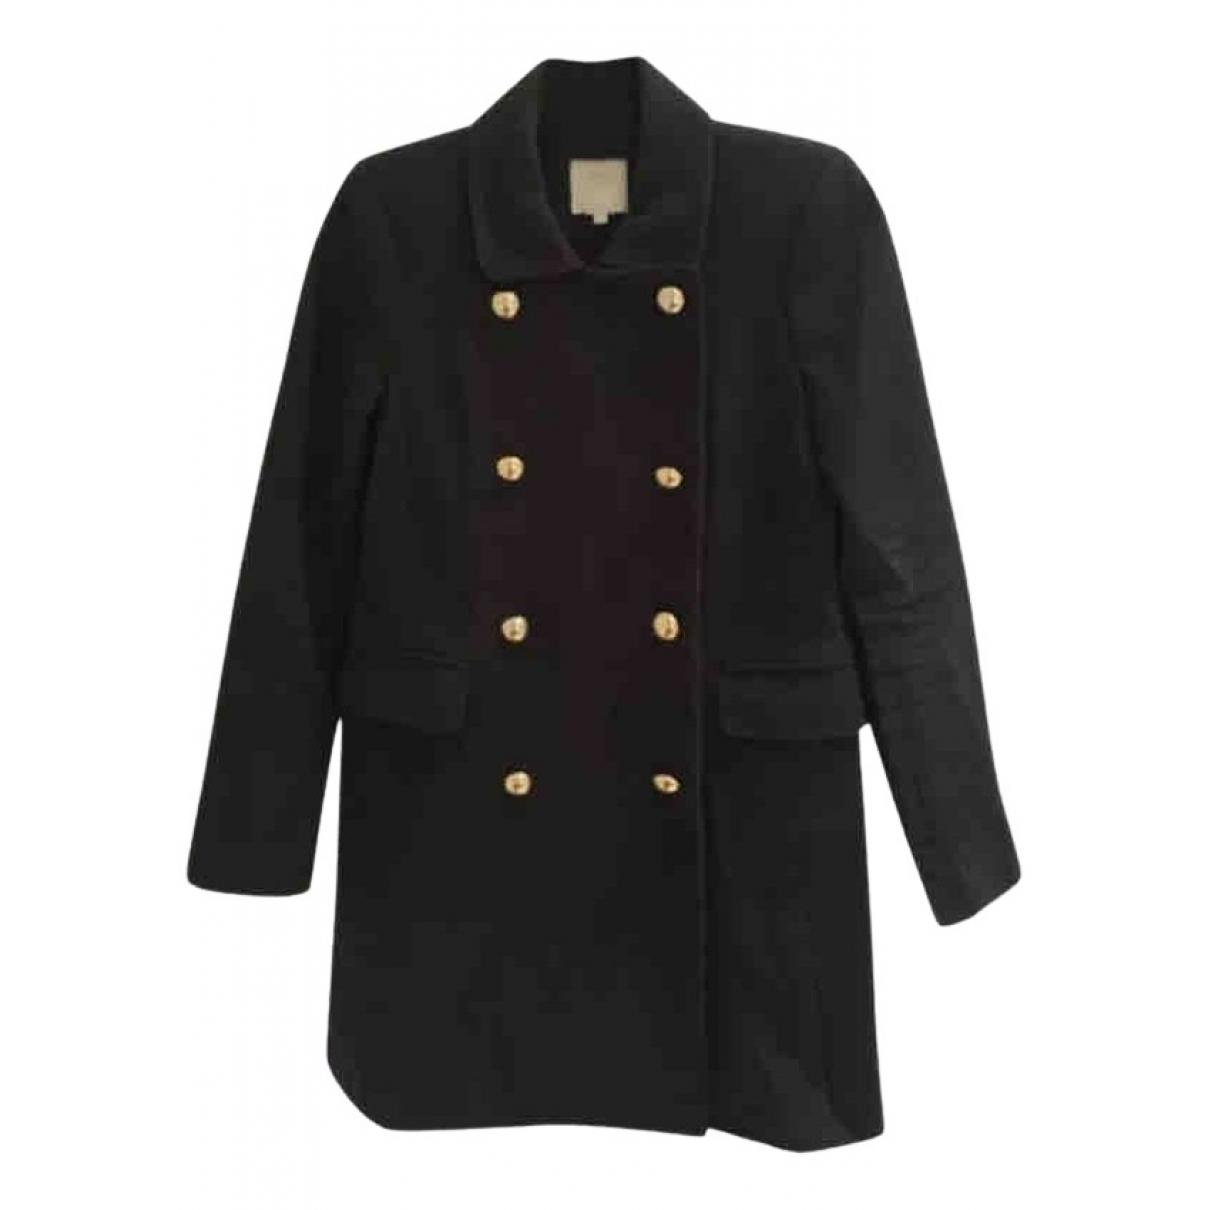 J.crew N Navy Cotton coat for Women 4 US